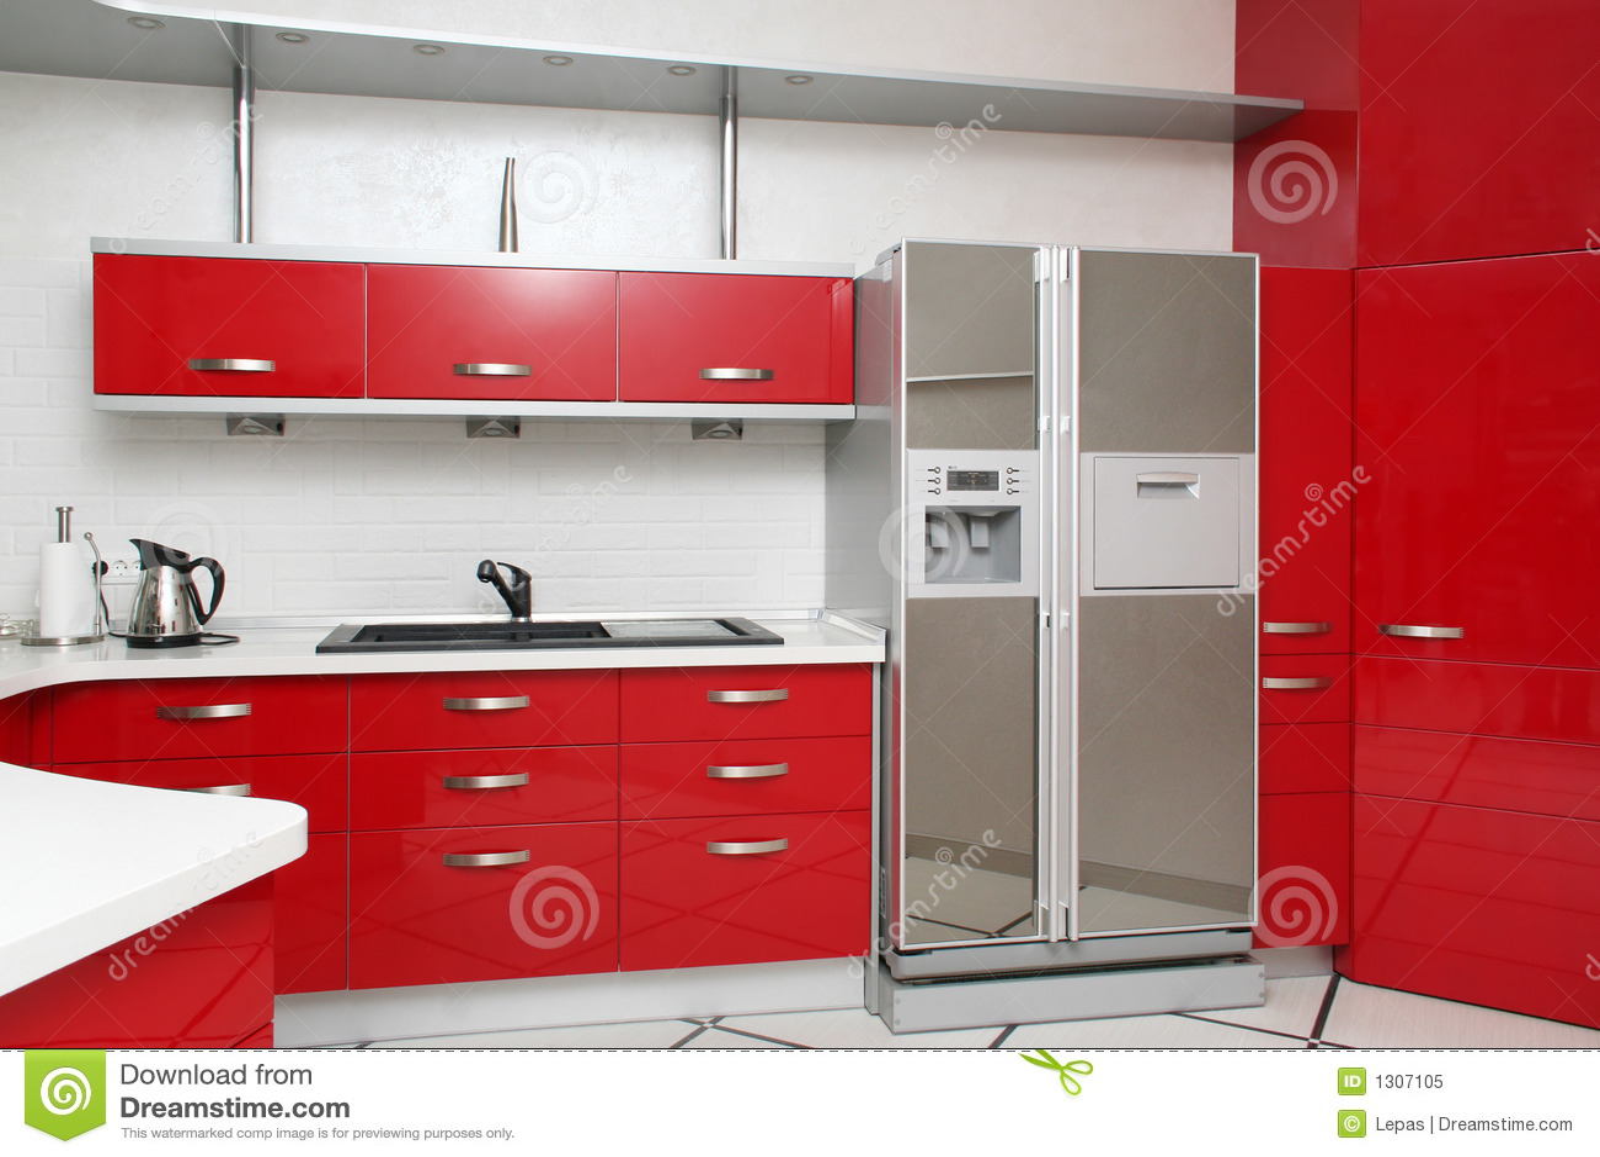 Cucina rossa fotografia stock libera da diritti immagine - Cucina moderna rossa ...